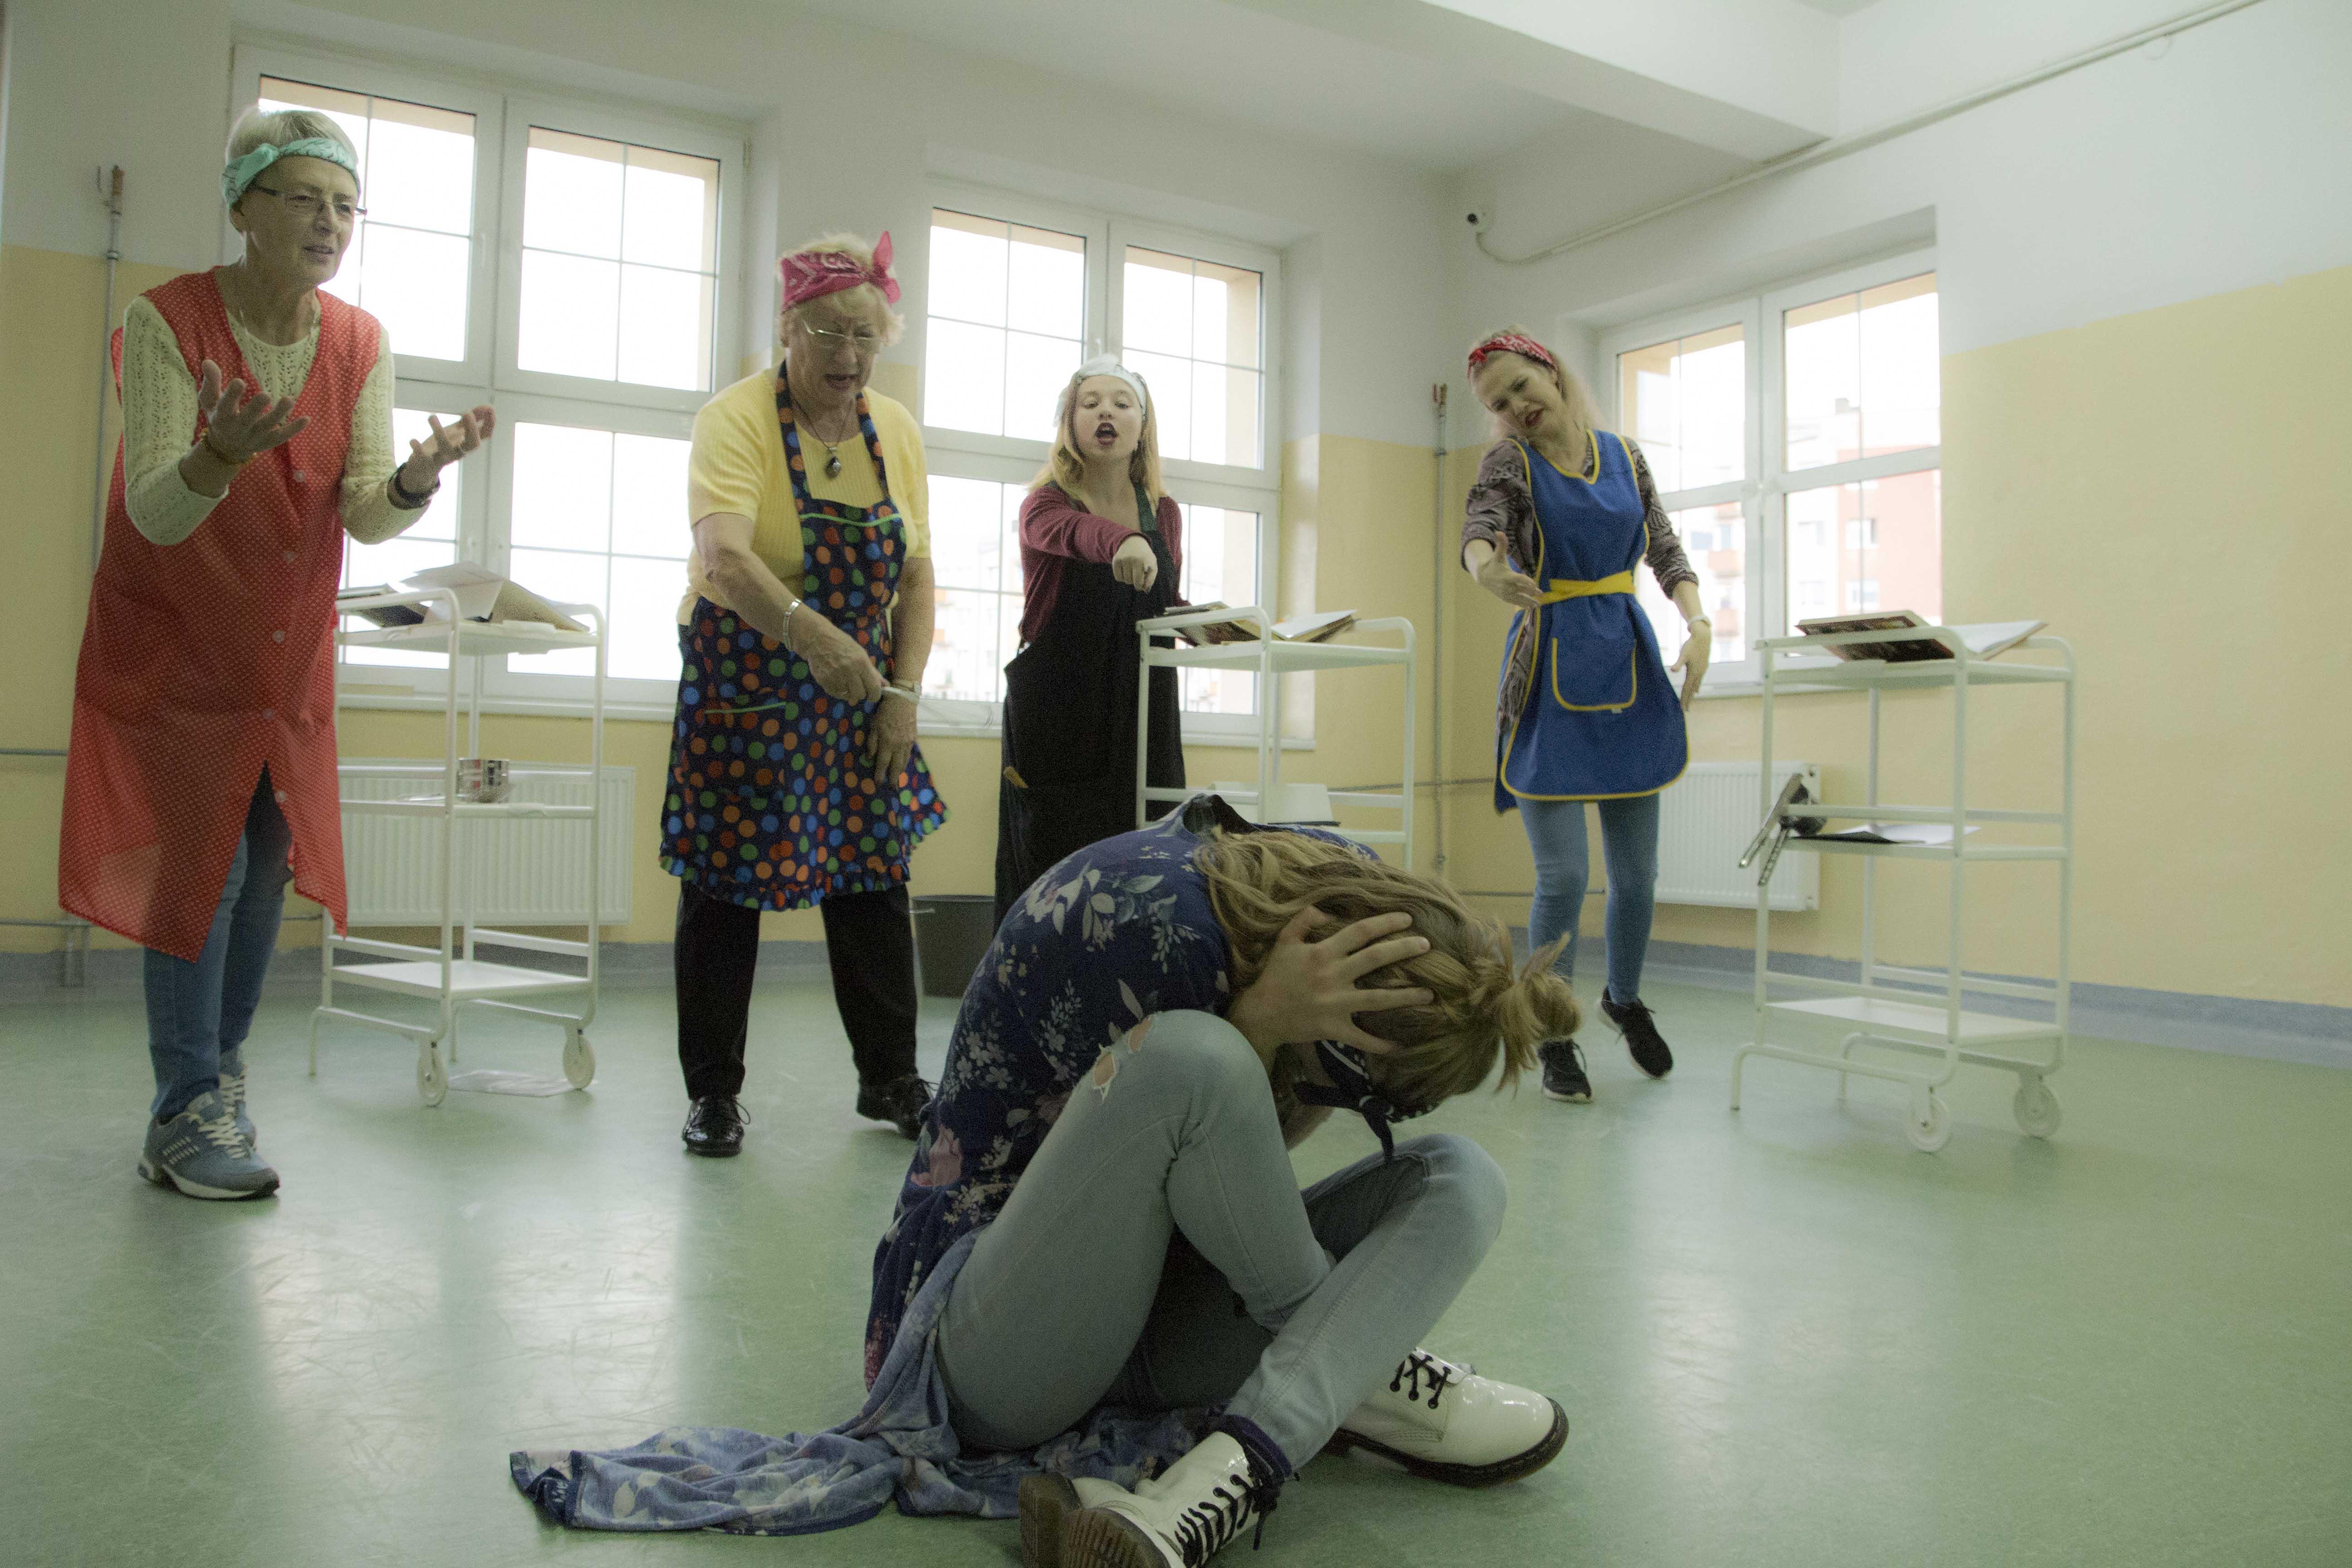 zdjęcie z projektu Dzwięczące wieżowce. Pięc aktorek w kuchennych fartuchach. na pierwszym planie jedna siedzi po turecku z głową ukryta w dłoniach. Cztery pozostałe stoja nad nia wskazując na nią palcami.